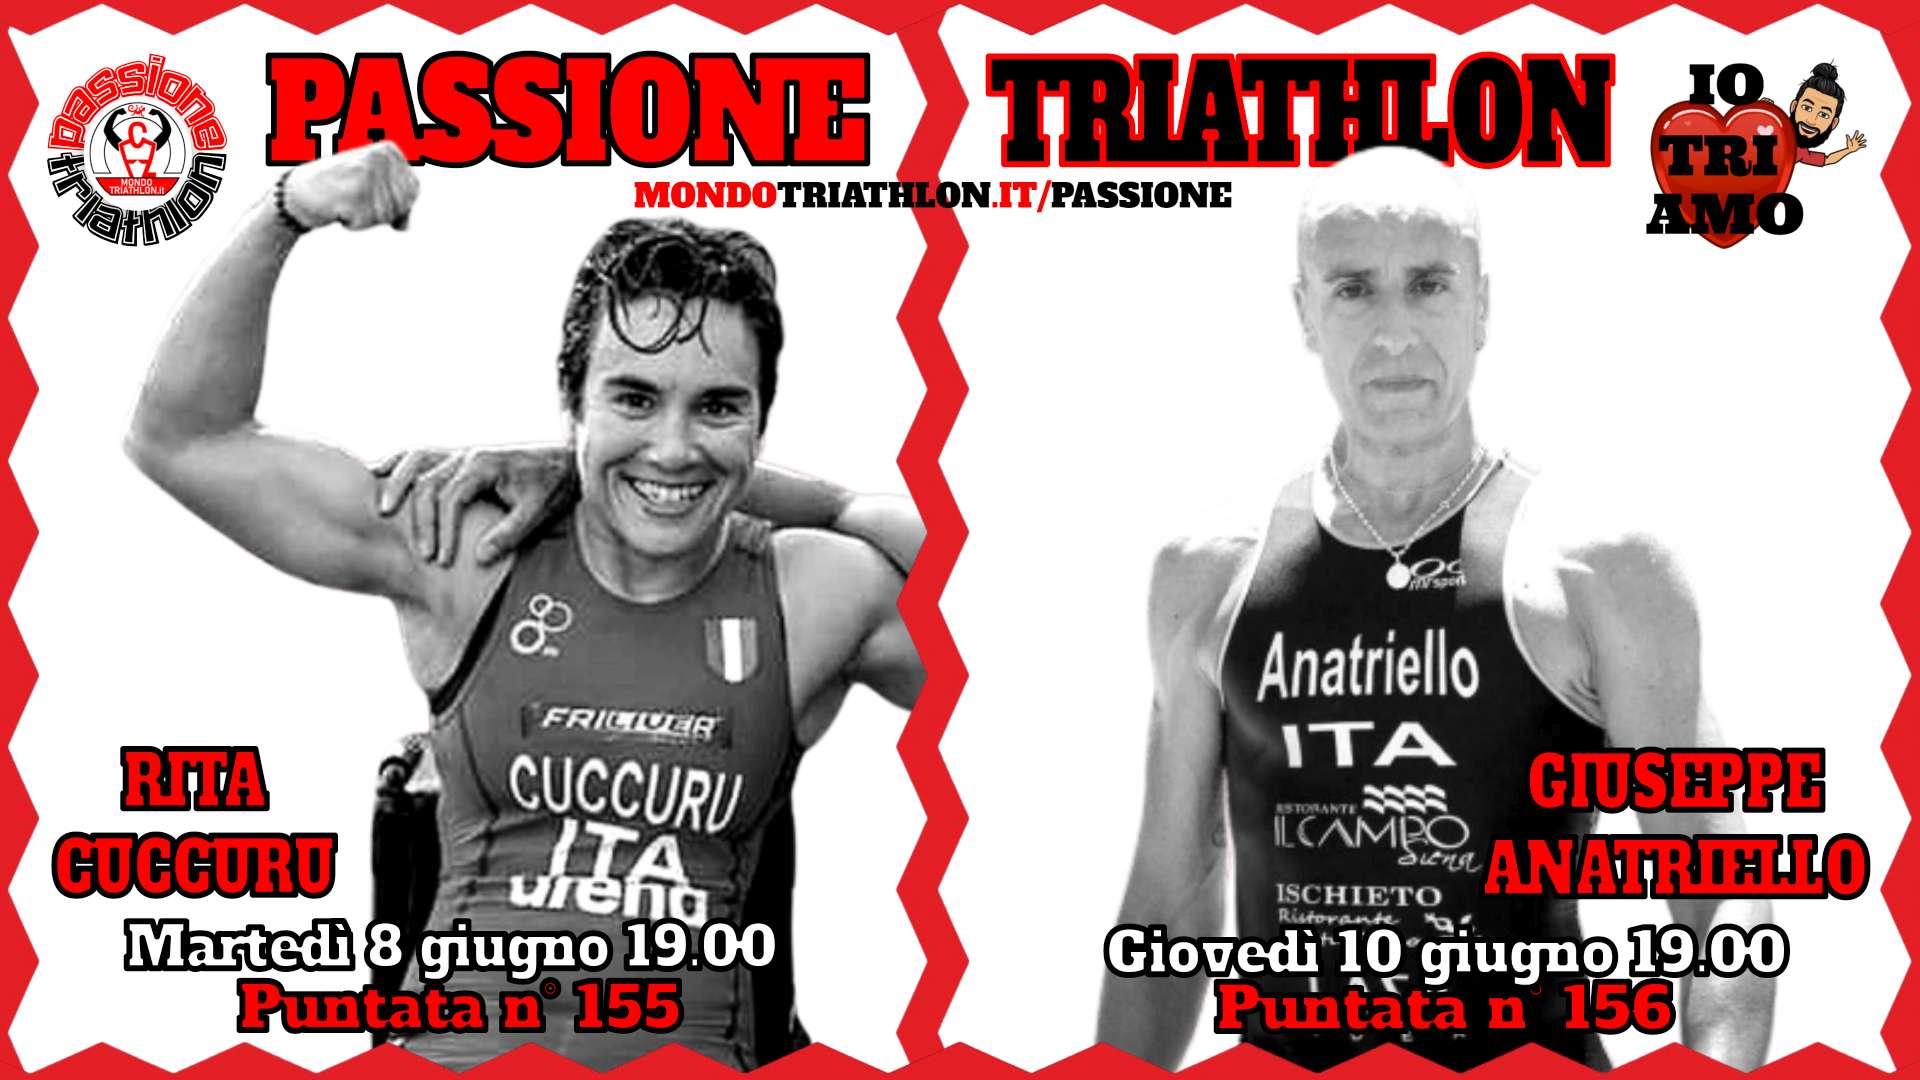 Passione Triathlon Protagonisti 8 e 10 giugno 2021